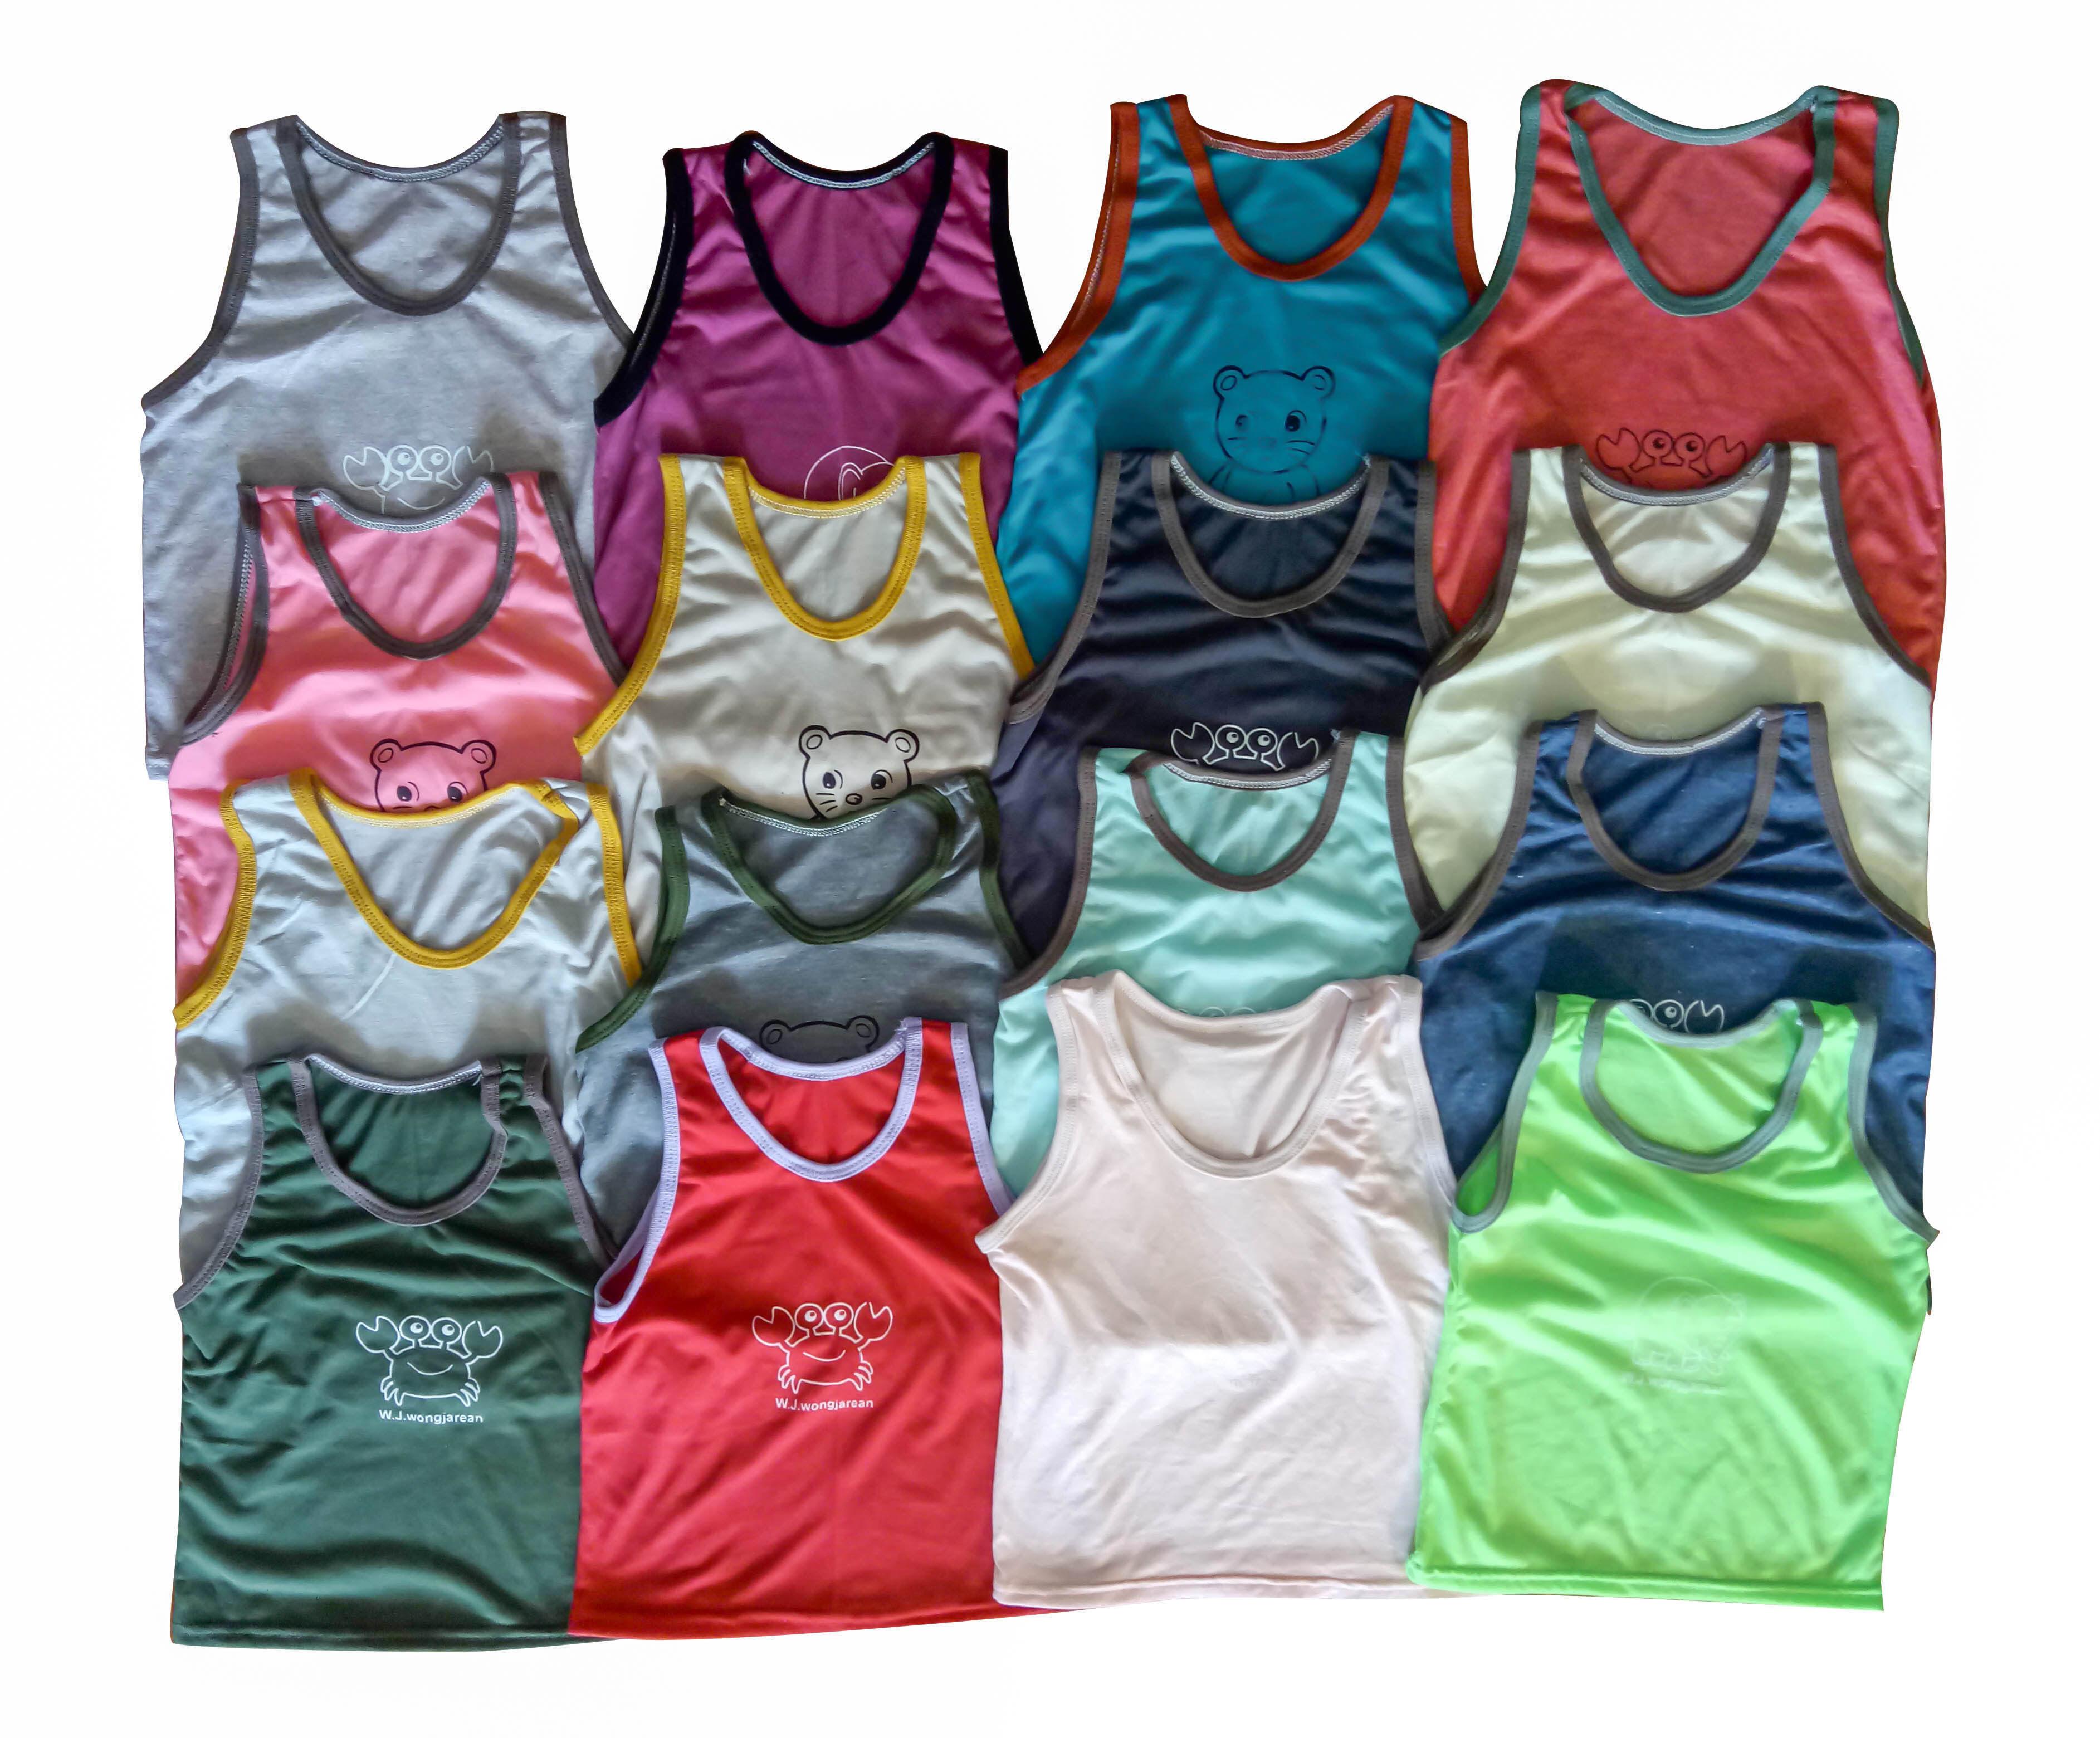 เสื้อแขนกุดเด็ก เสื้อกล้ามเด็ก (ช่วงอายุประมาณ 2 เดือน - 10 ขวบ) คละสี 1 ชิ้น.